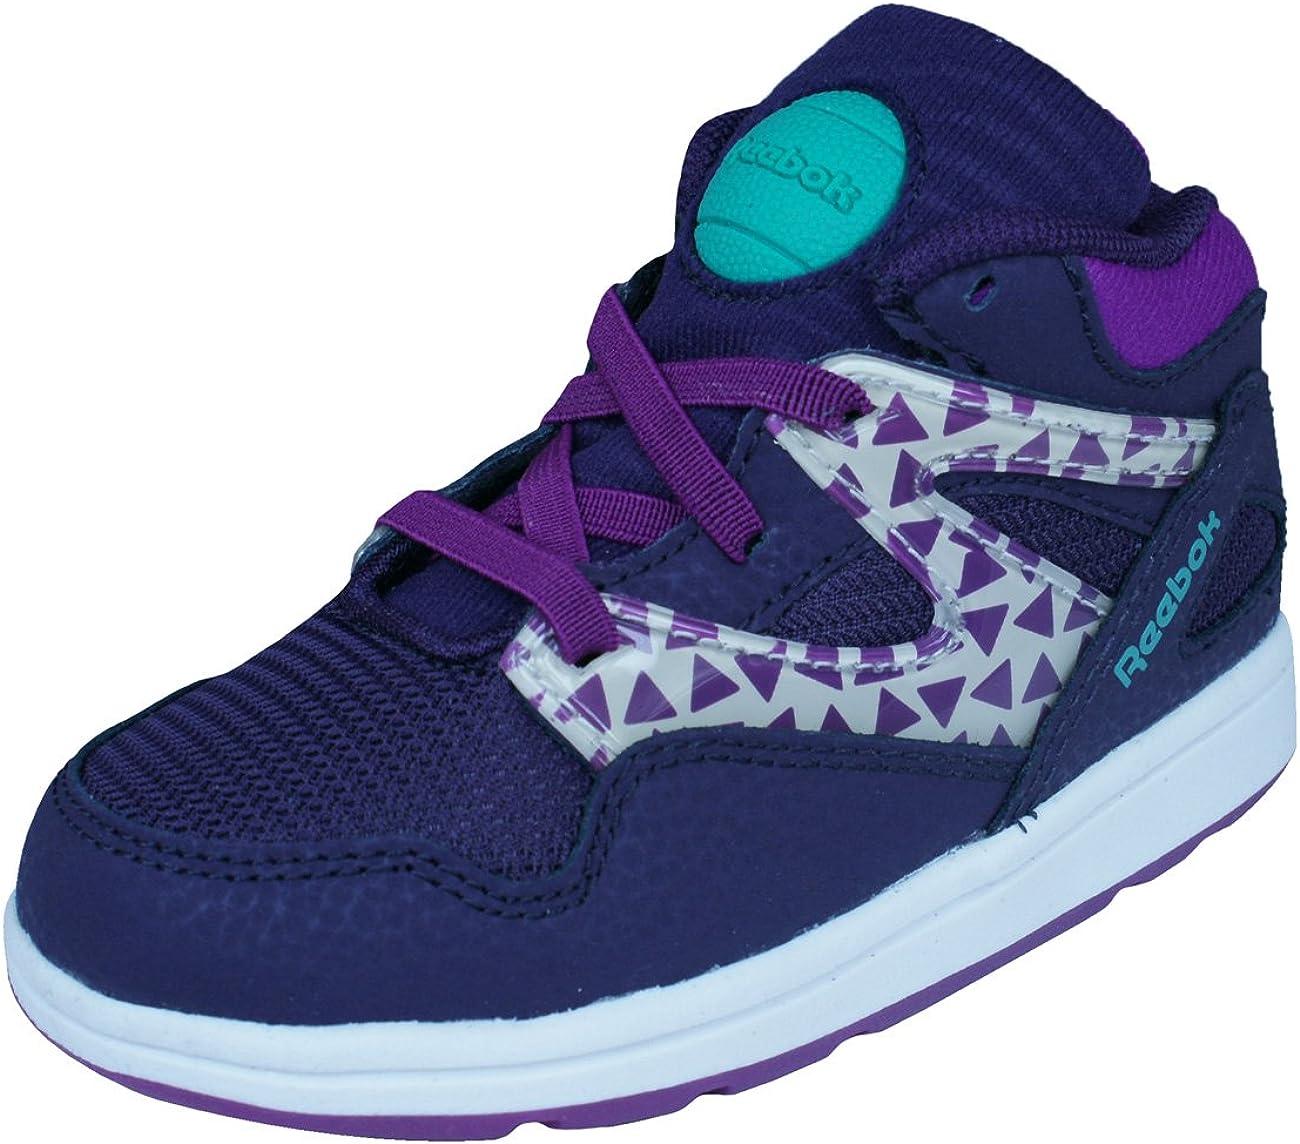 Reebok Classic Versa Pump Omnilite Kids zapatillas de niños: Amazon.es: Zapatos y complementos